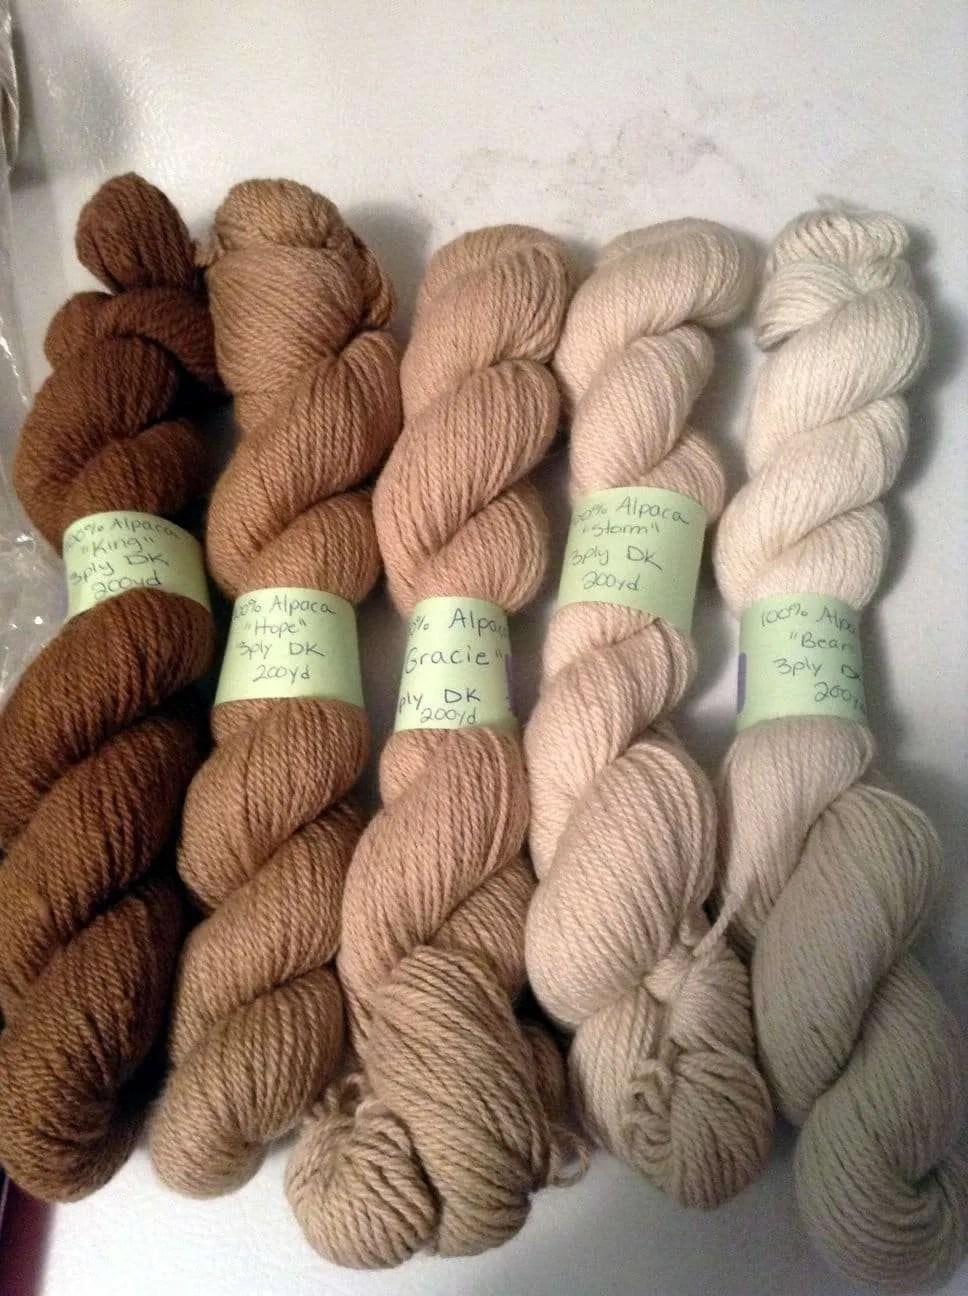 Craftsbury Farmers Market Vendor Products - alpaca yarn